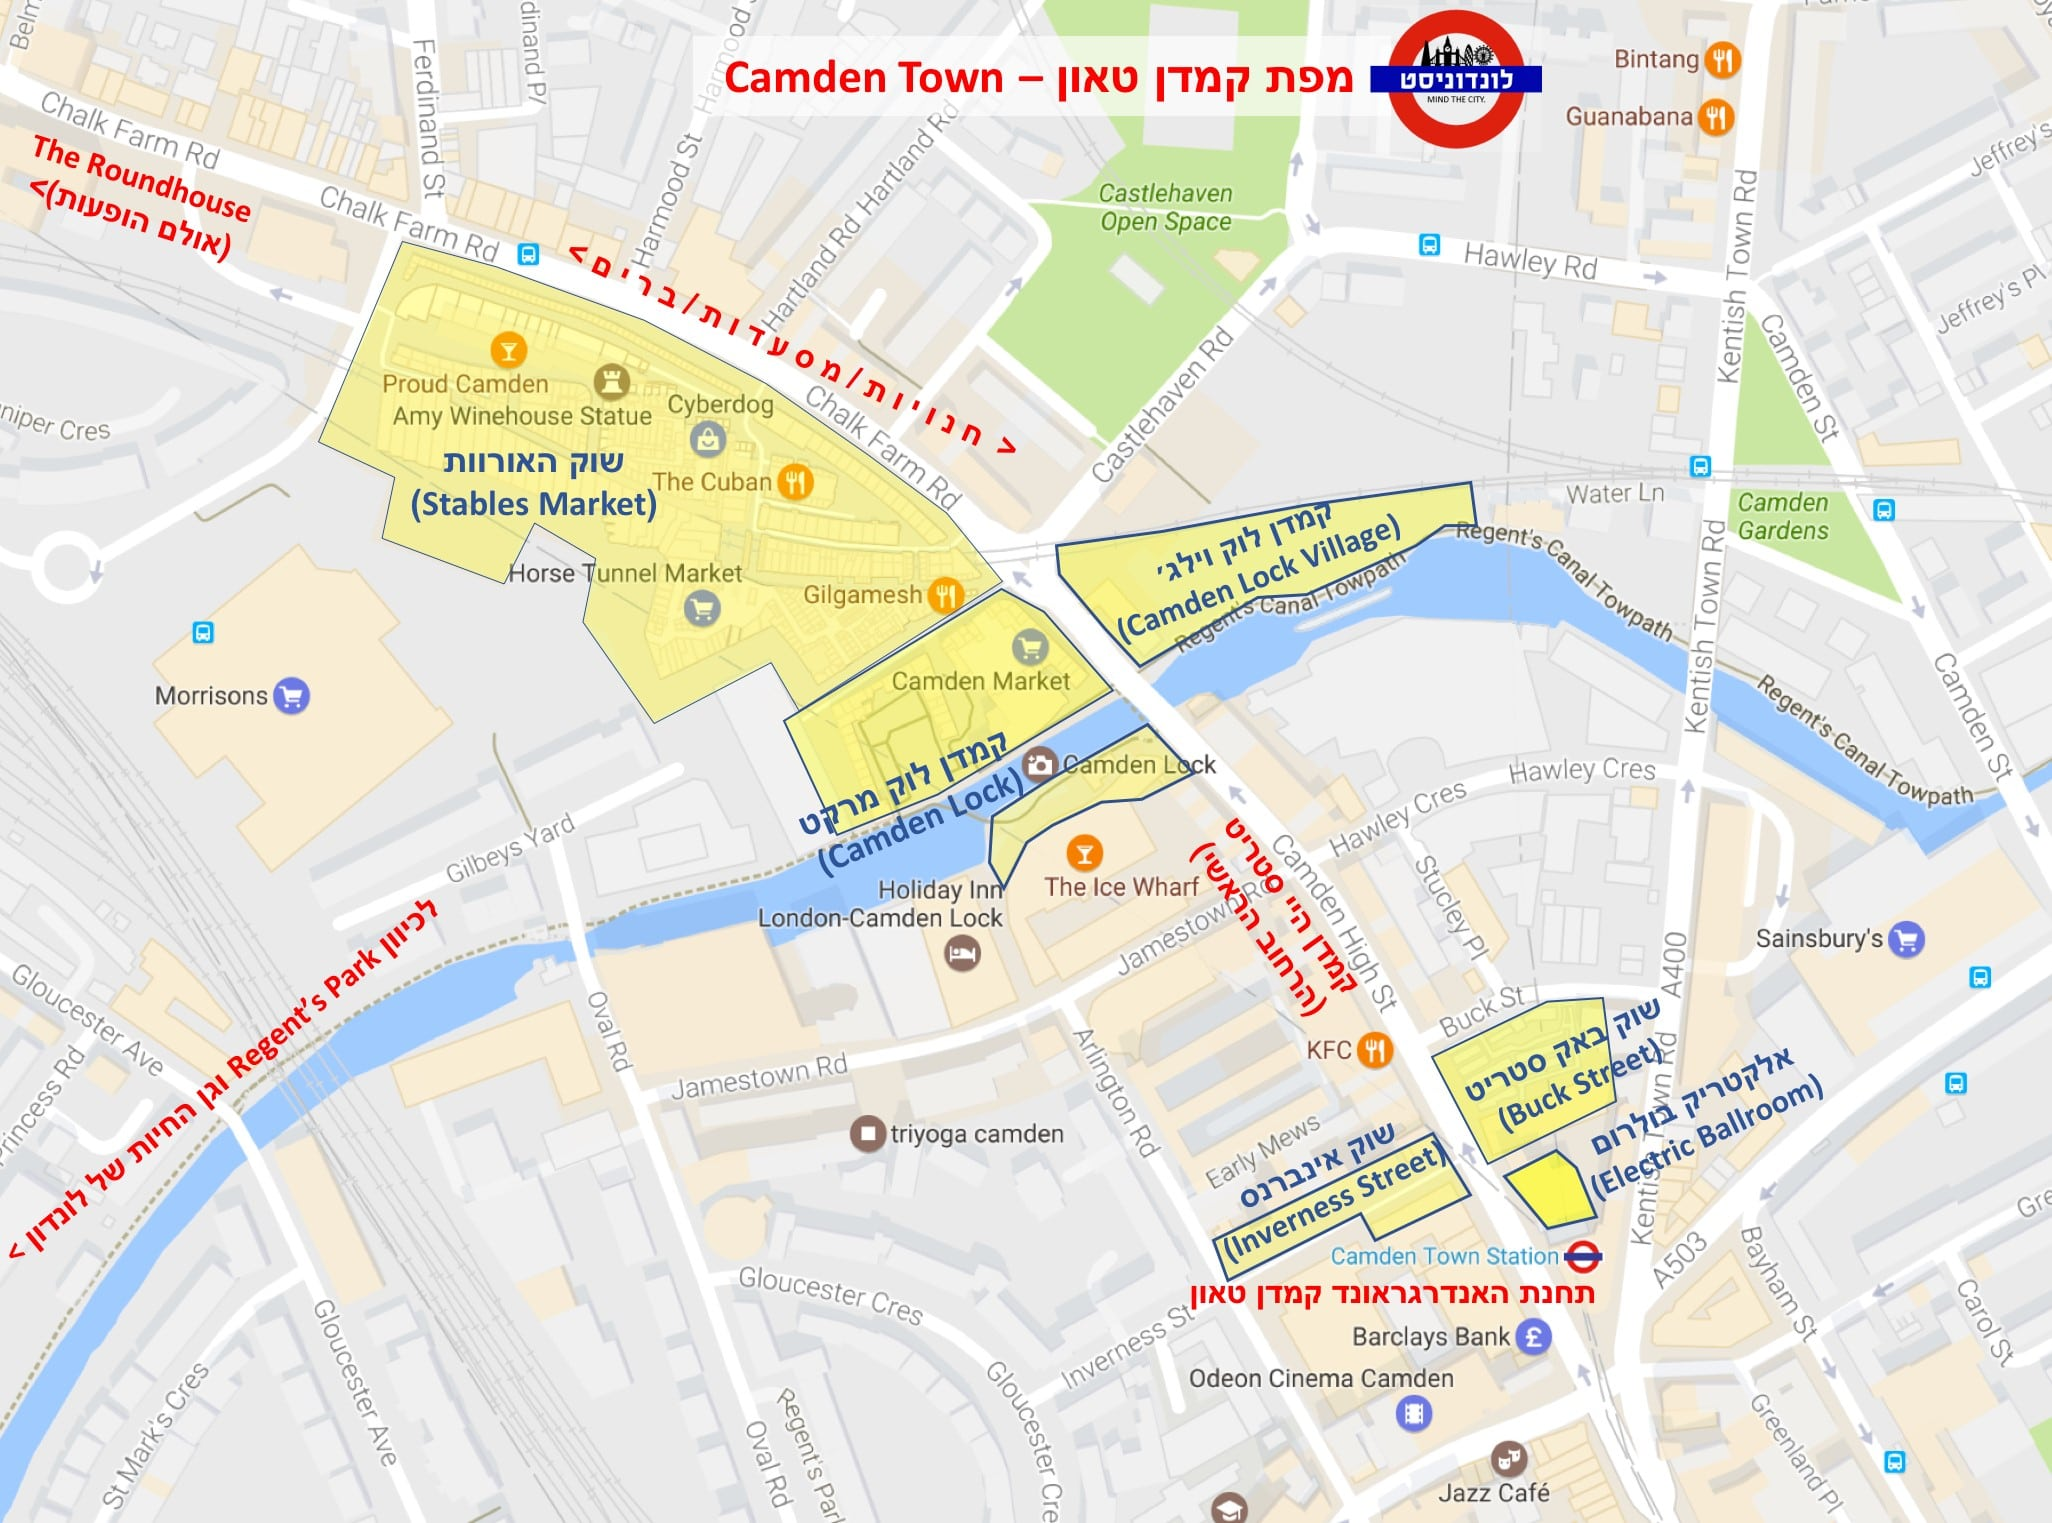 מפת שווקי קמדן - לונדון - לונדוניסט (לחצו על המפה כדי להגדילה)